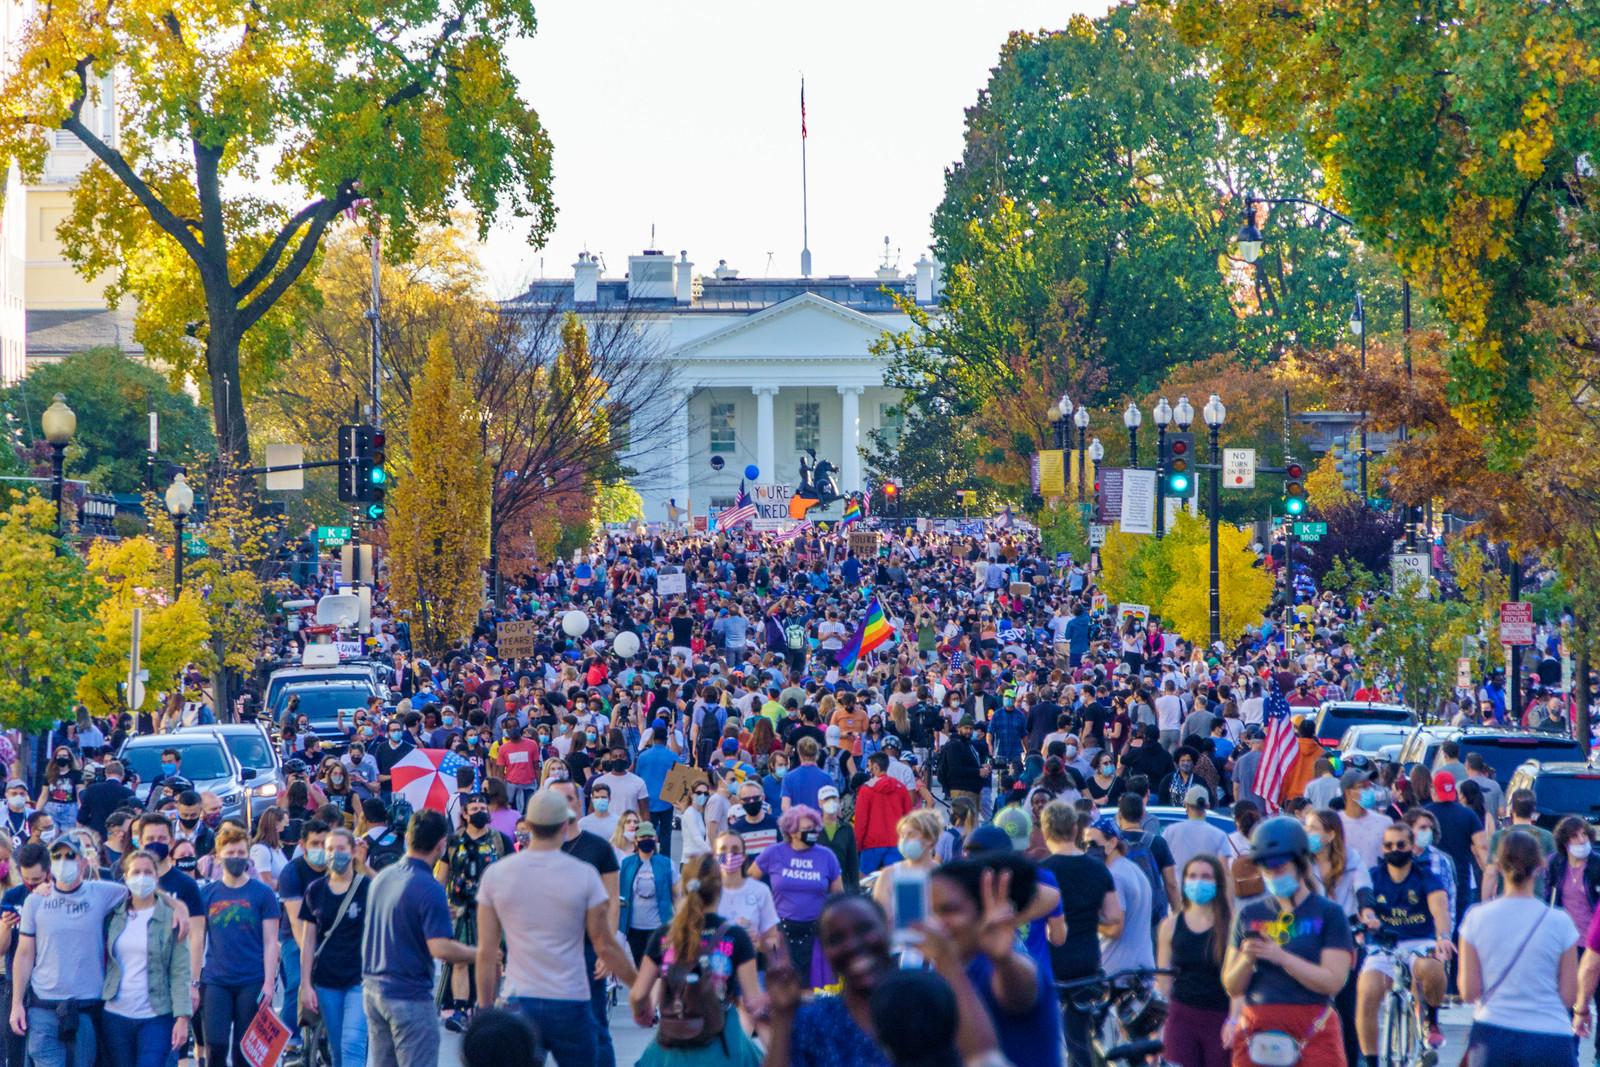 2020.11.07 Celebrating, Washington, DC USA 312 150280